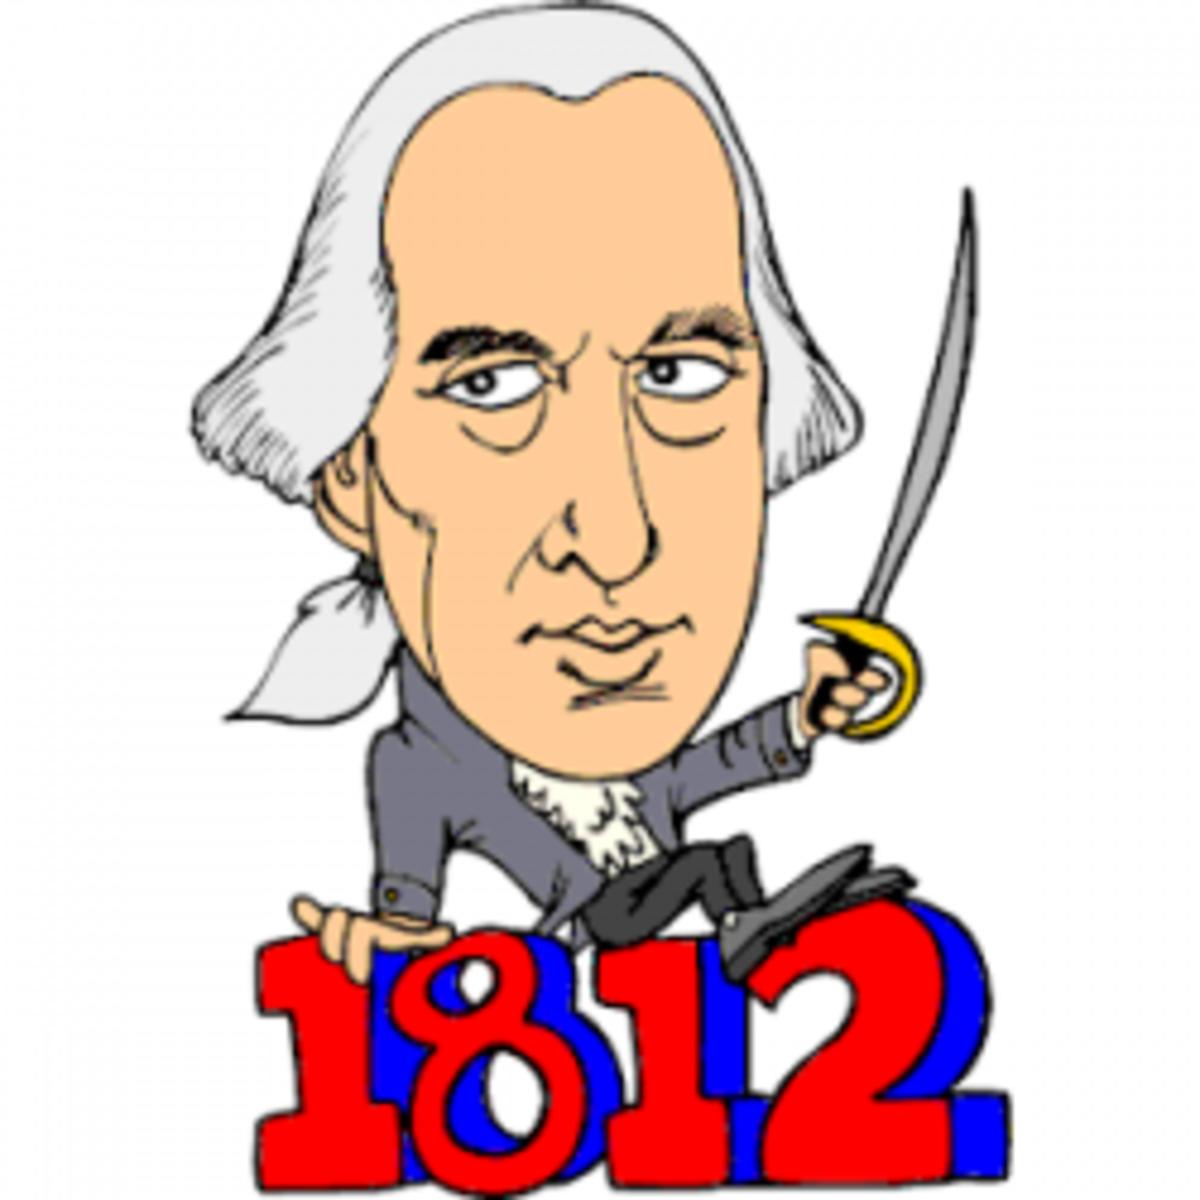 Image credit: http://cliparts101.com/free_clipart/48312/John_Adams.aspx